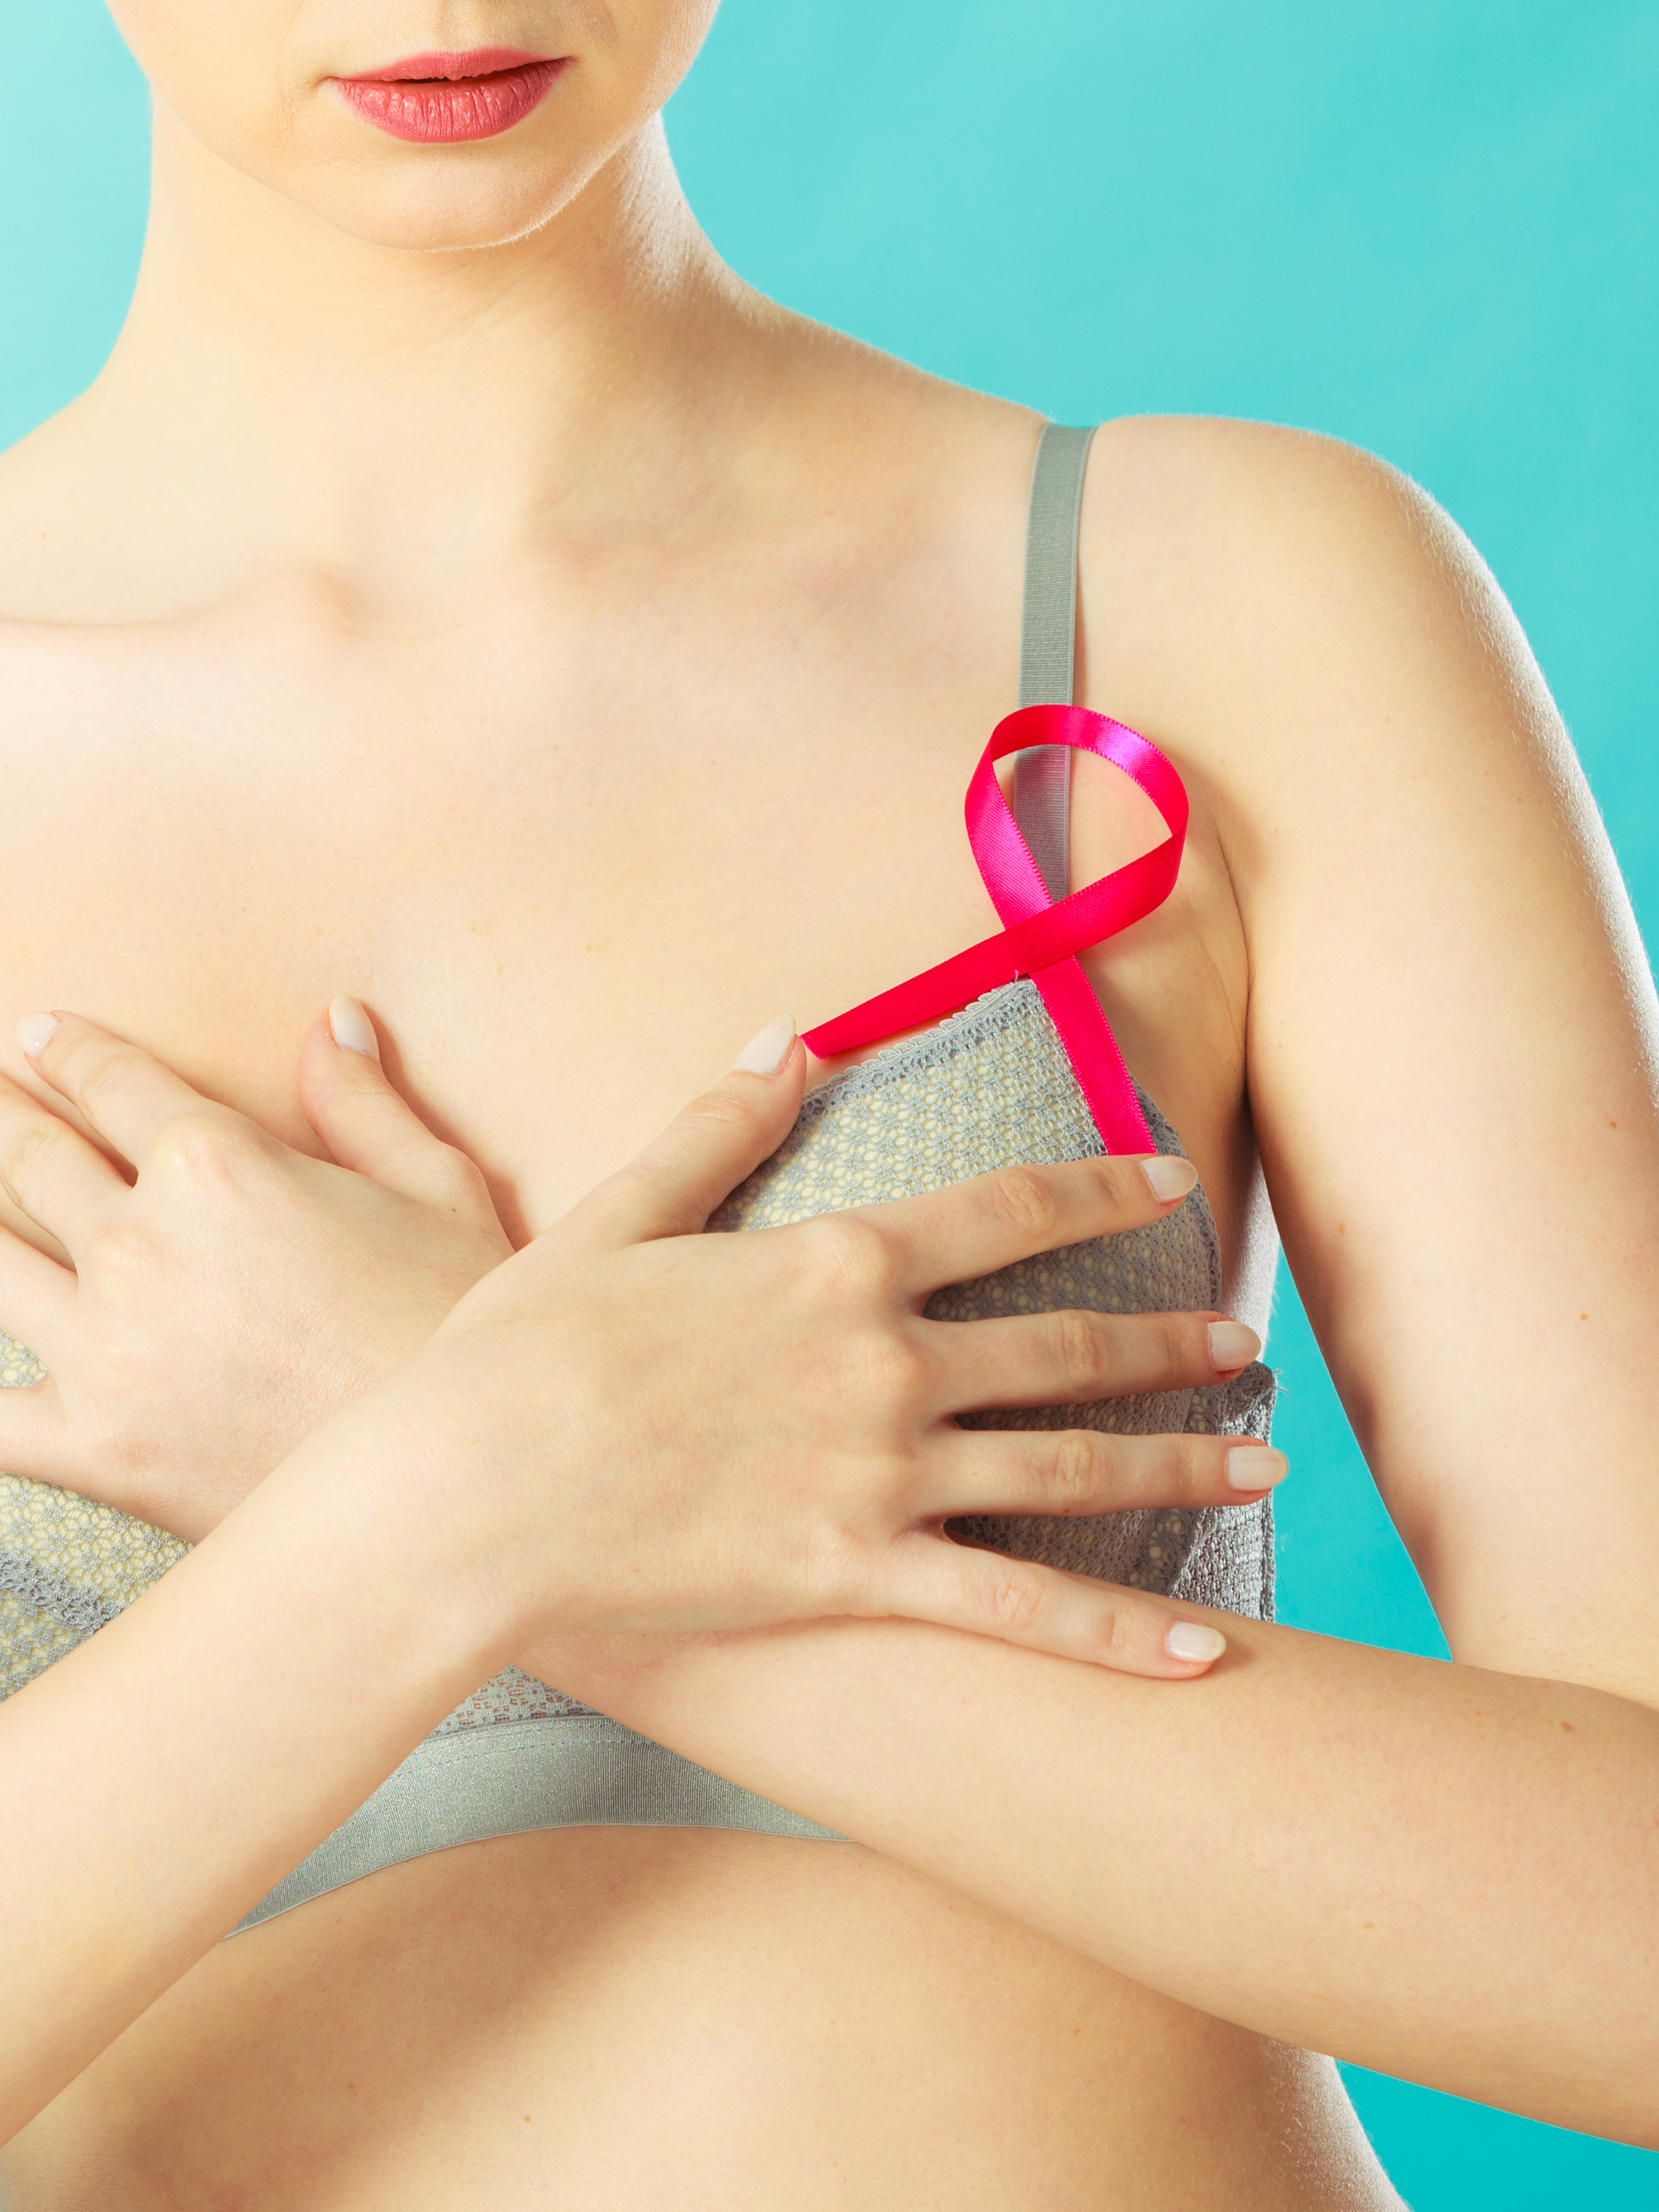 14-годишна е най-младата пациентка с рак на гърдата у нас